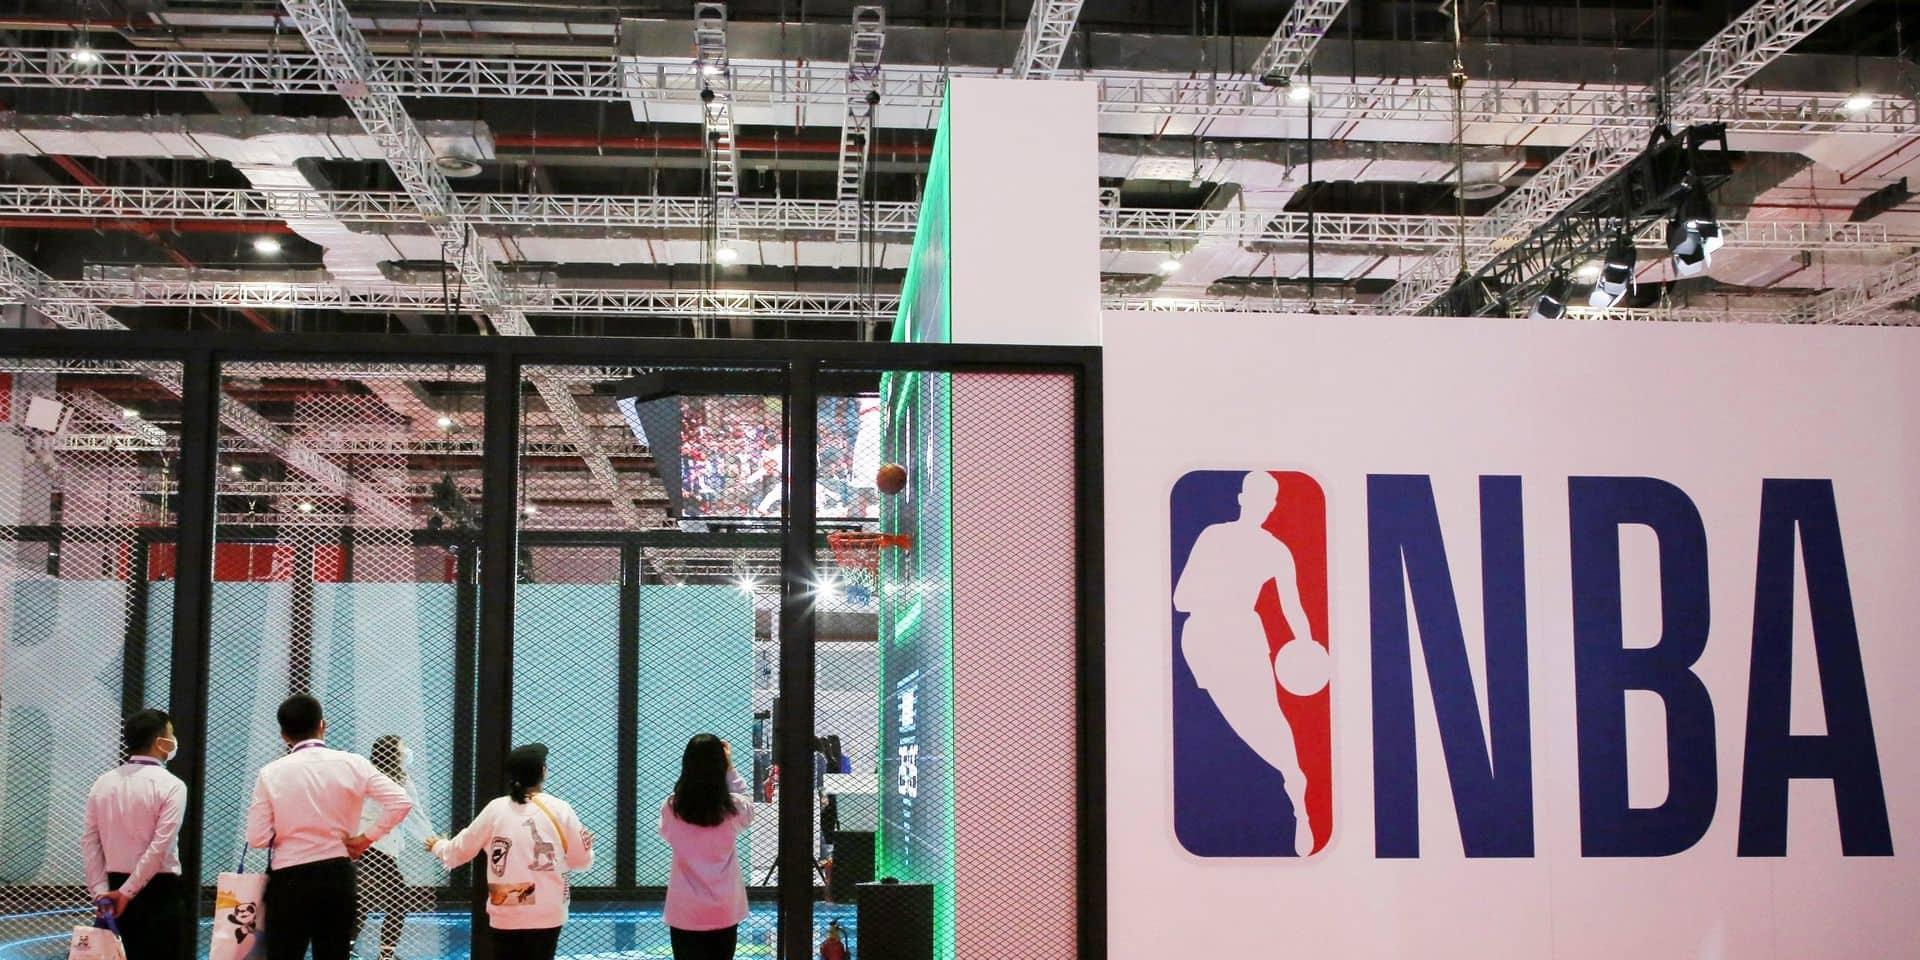 Le conseil d'administration de la NBA approuve le début de la saison au 22 décembre